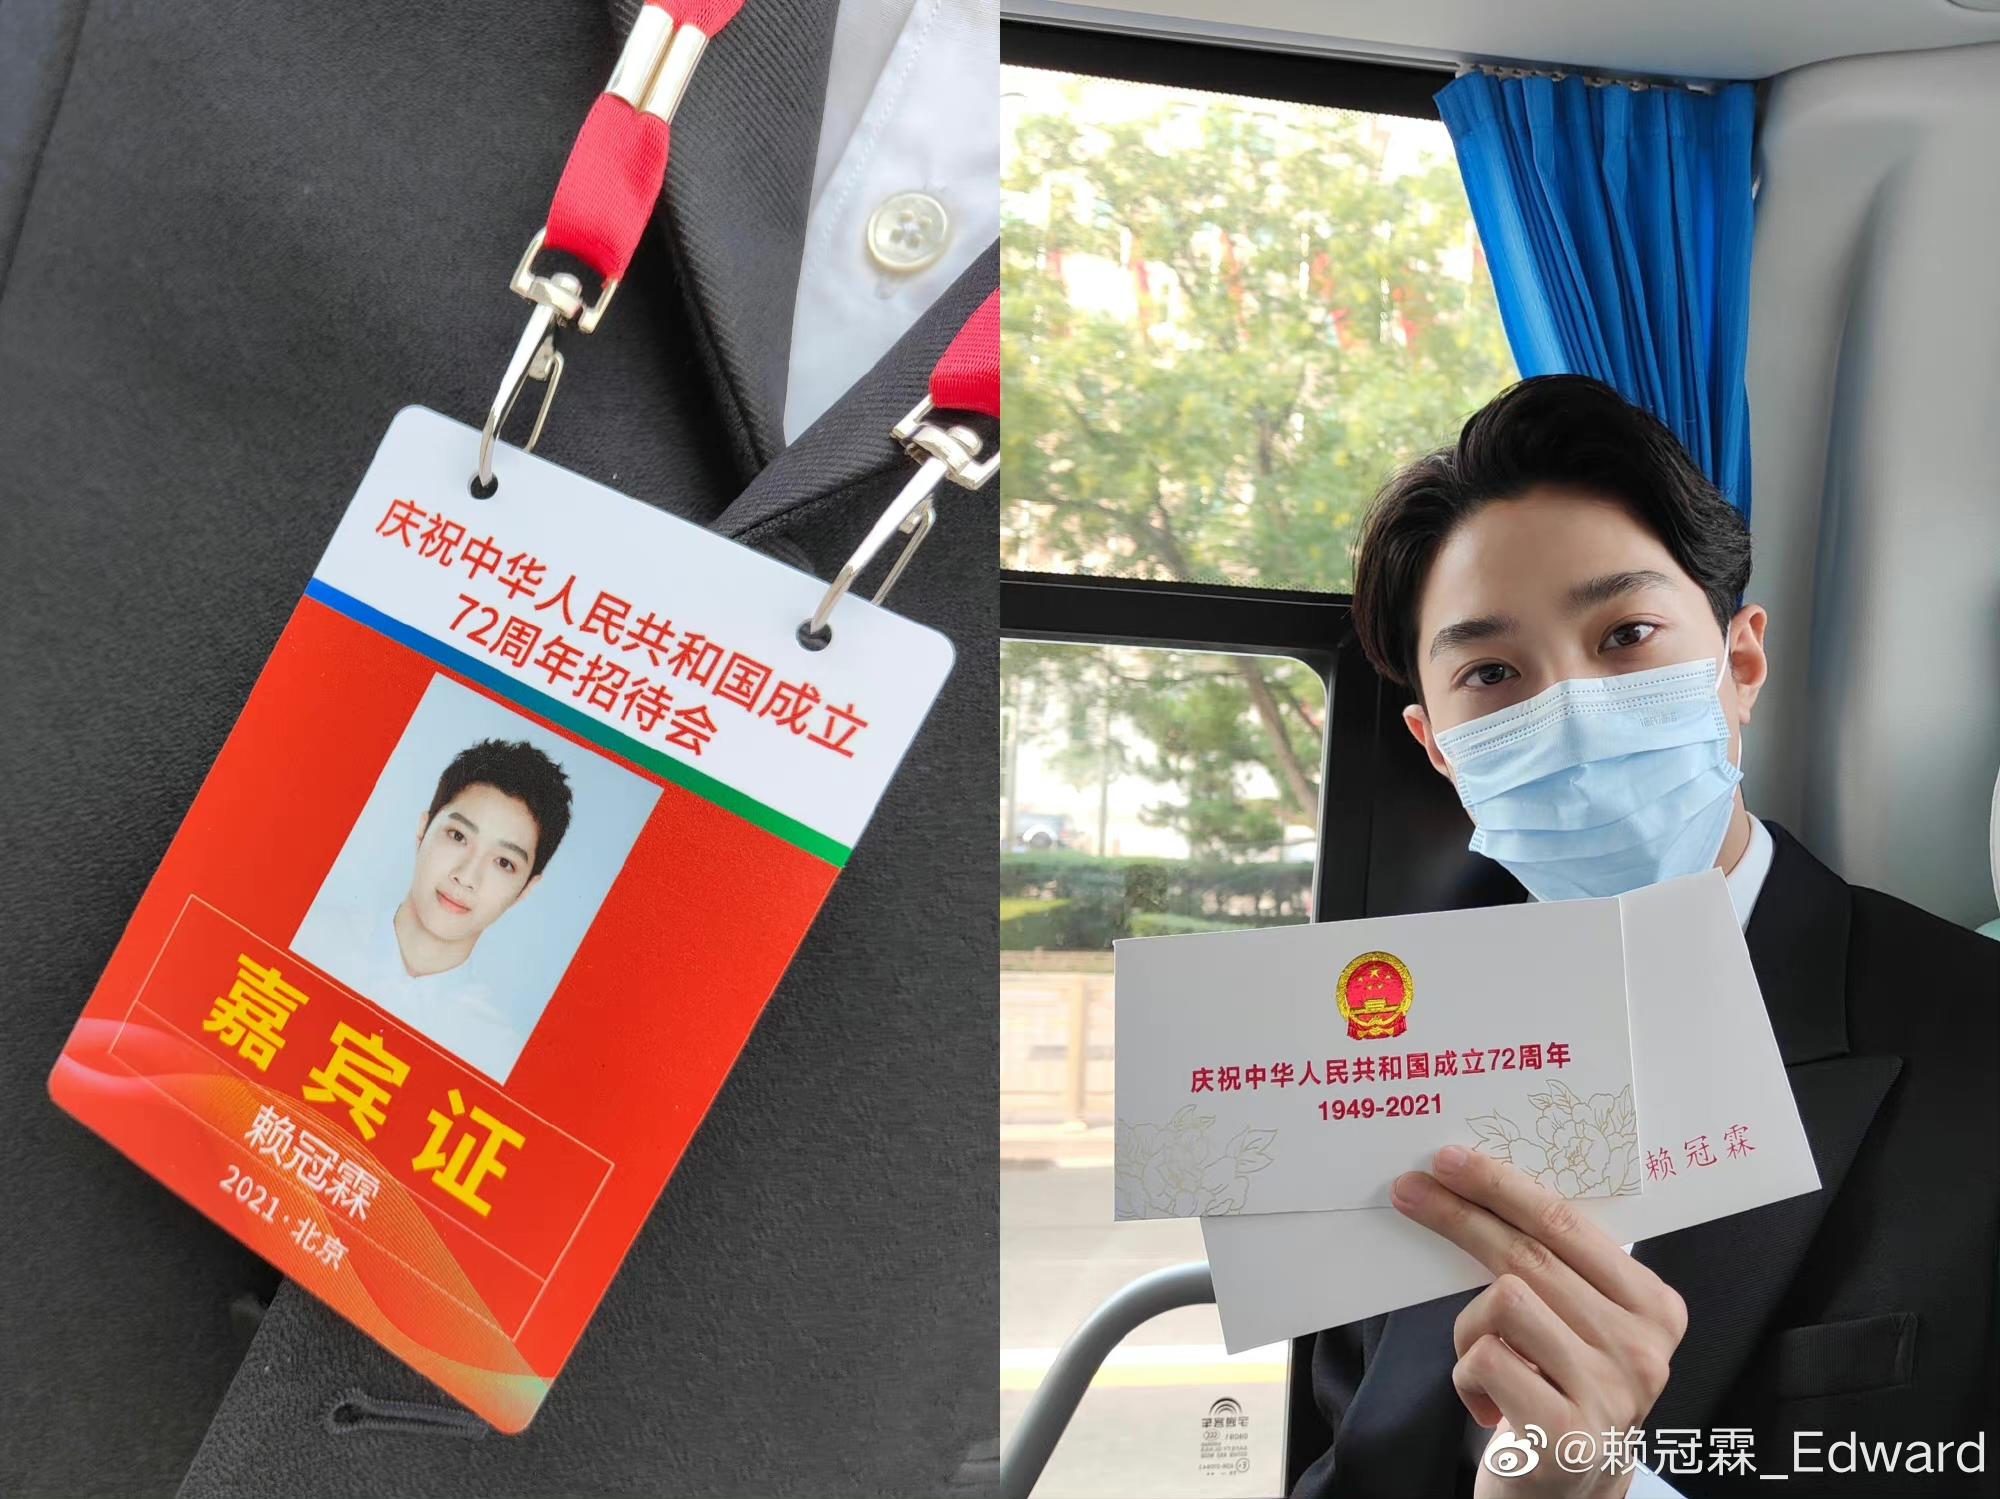 """赖冠霖还晒出出席""""庆祝中华人民共和国成立72周年招待会""""照片"""